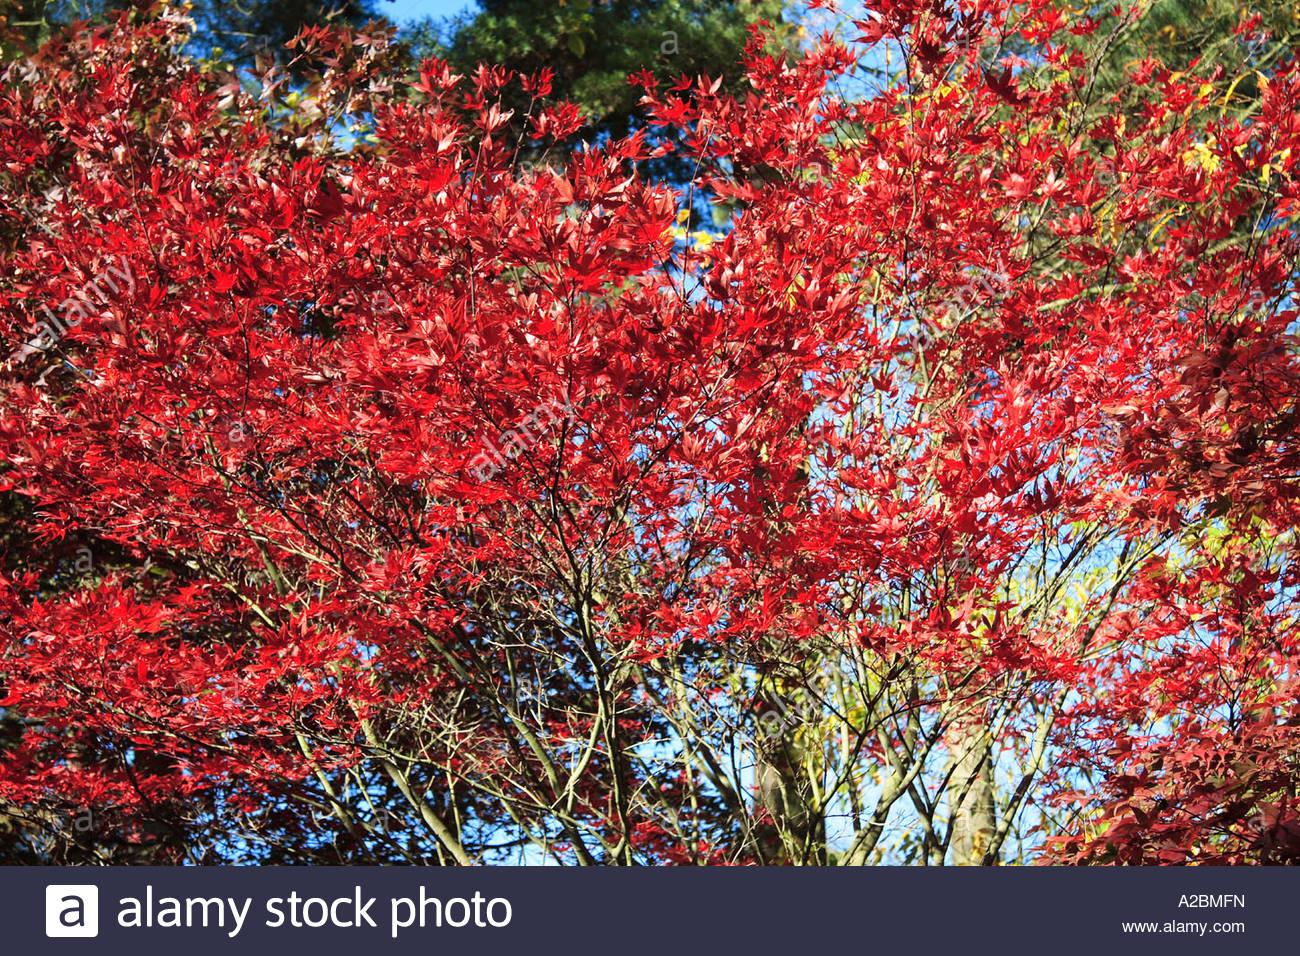 Acer Palmatum Shojo Japanese Maple Photograph Showing Tree Dressed